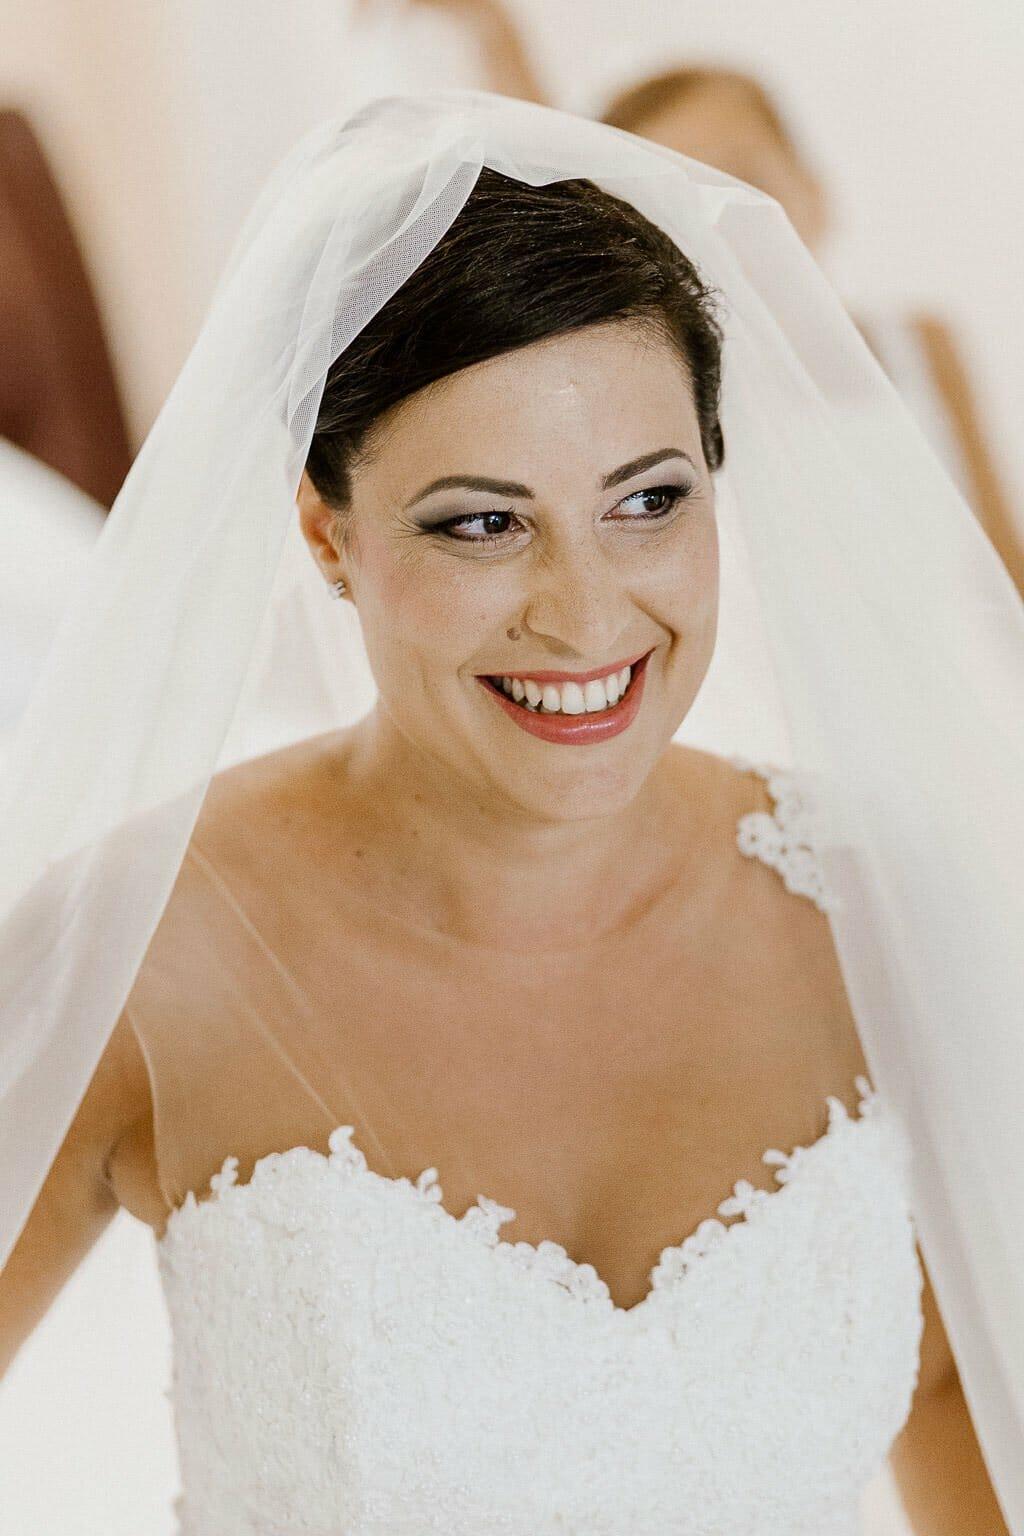 matera-italia-destination-wedding-fotografo-masseria-bonelli-puglia-pietro-moliterni-24